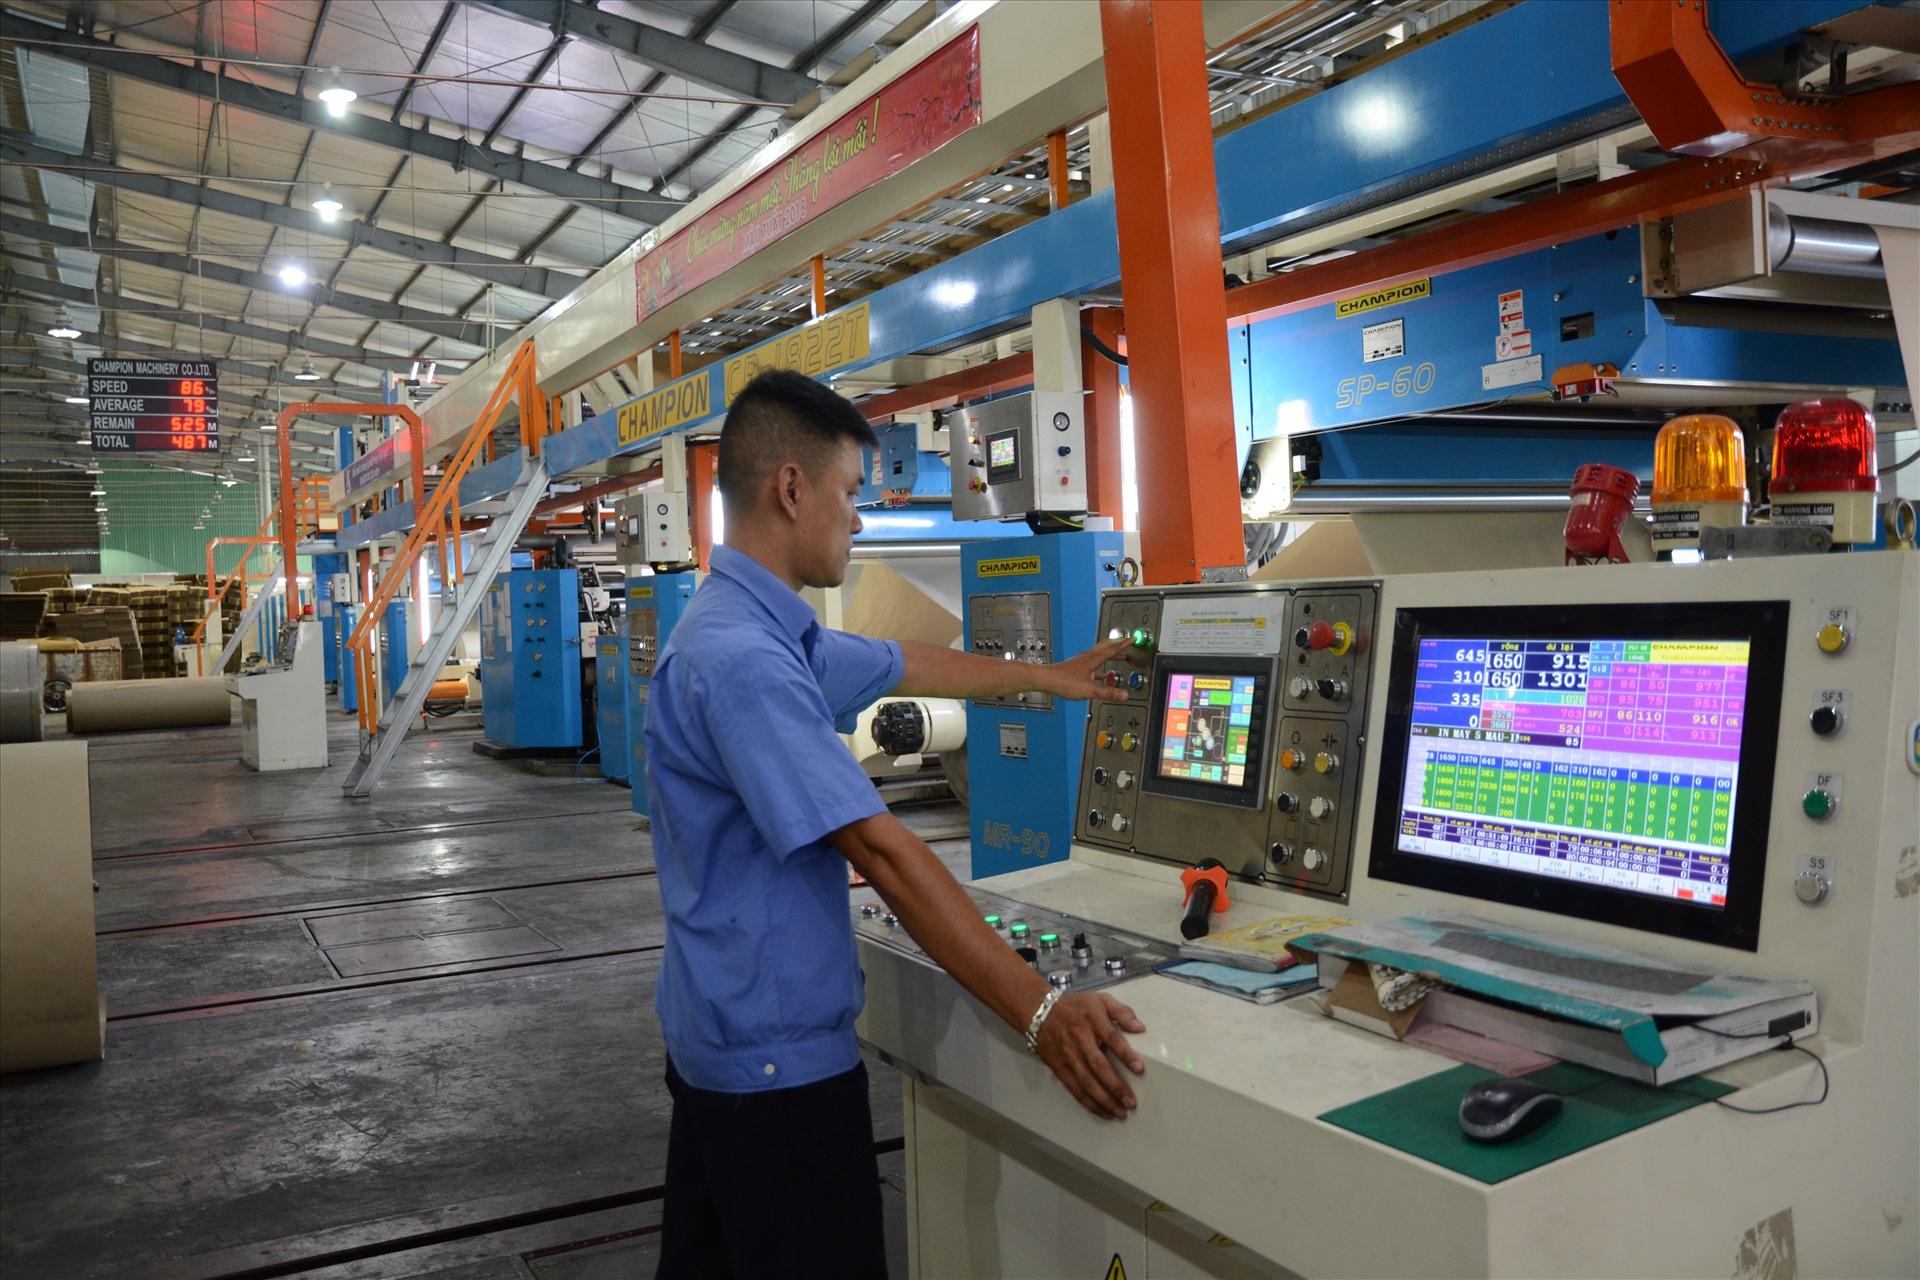 Lao động Khatoco luôn được trang bị các kĩ năng mềm, nêu cao tinh thần làm chủ công nghệ để nắm bắt kịp xu thế phát triển. Ảnh: T.Tuyến